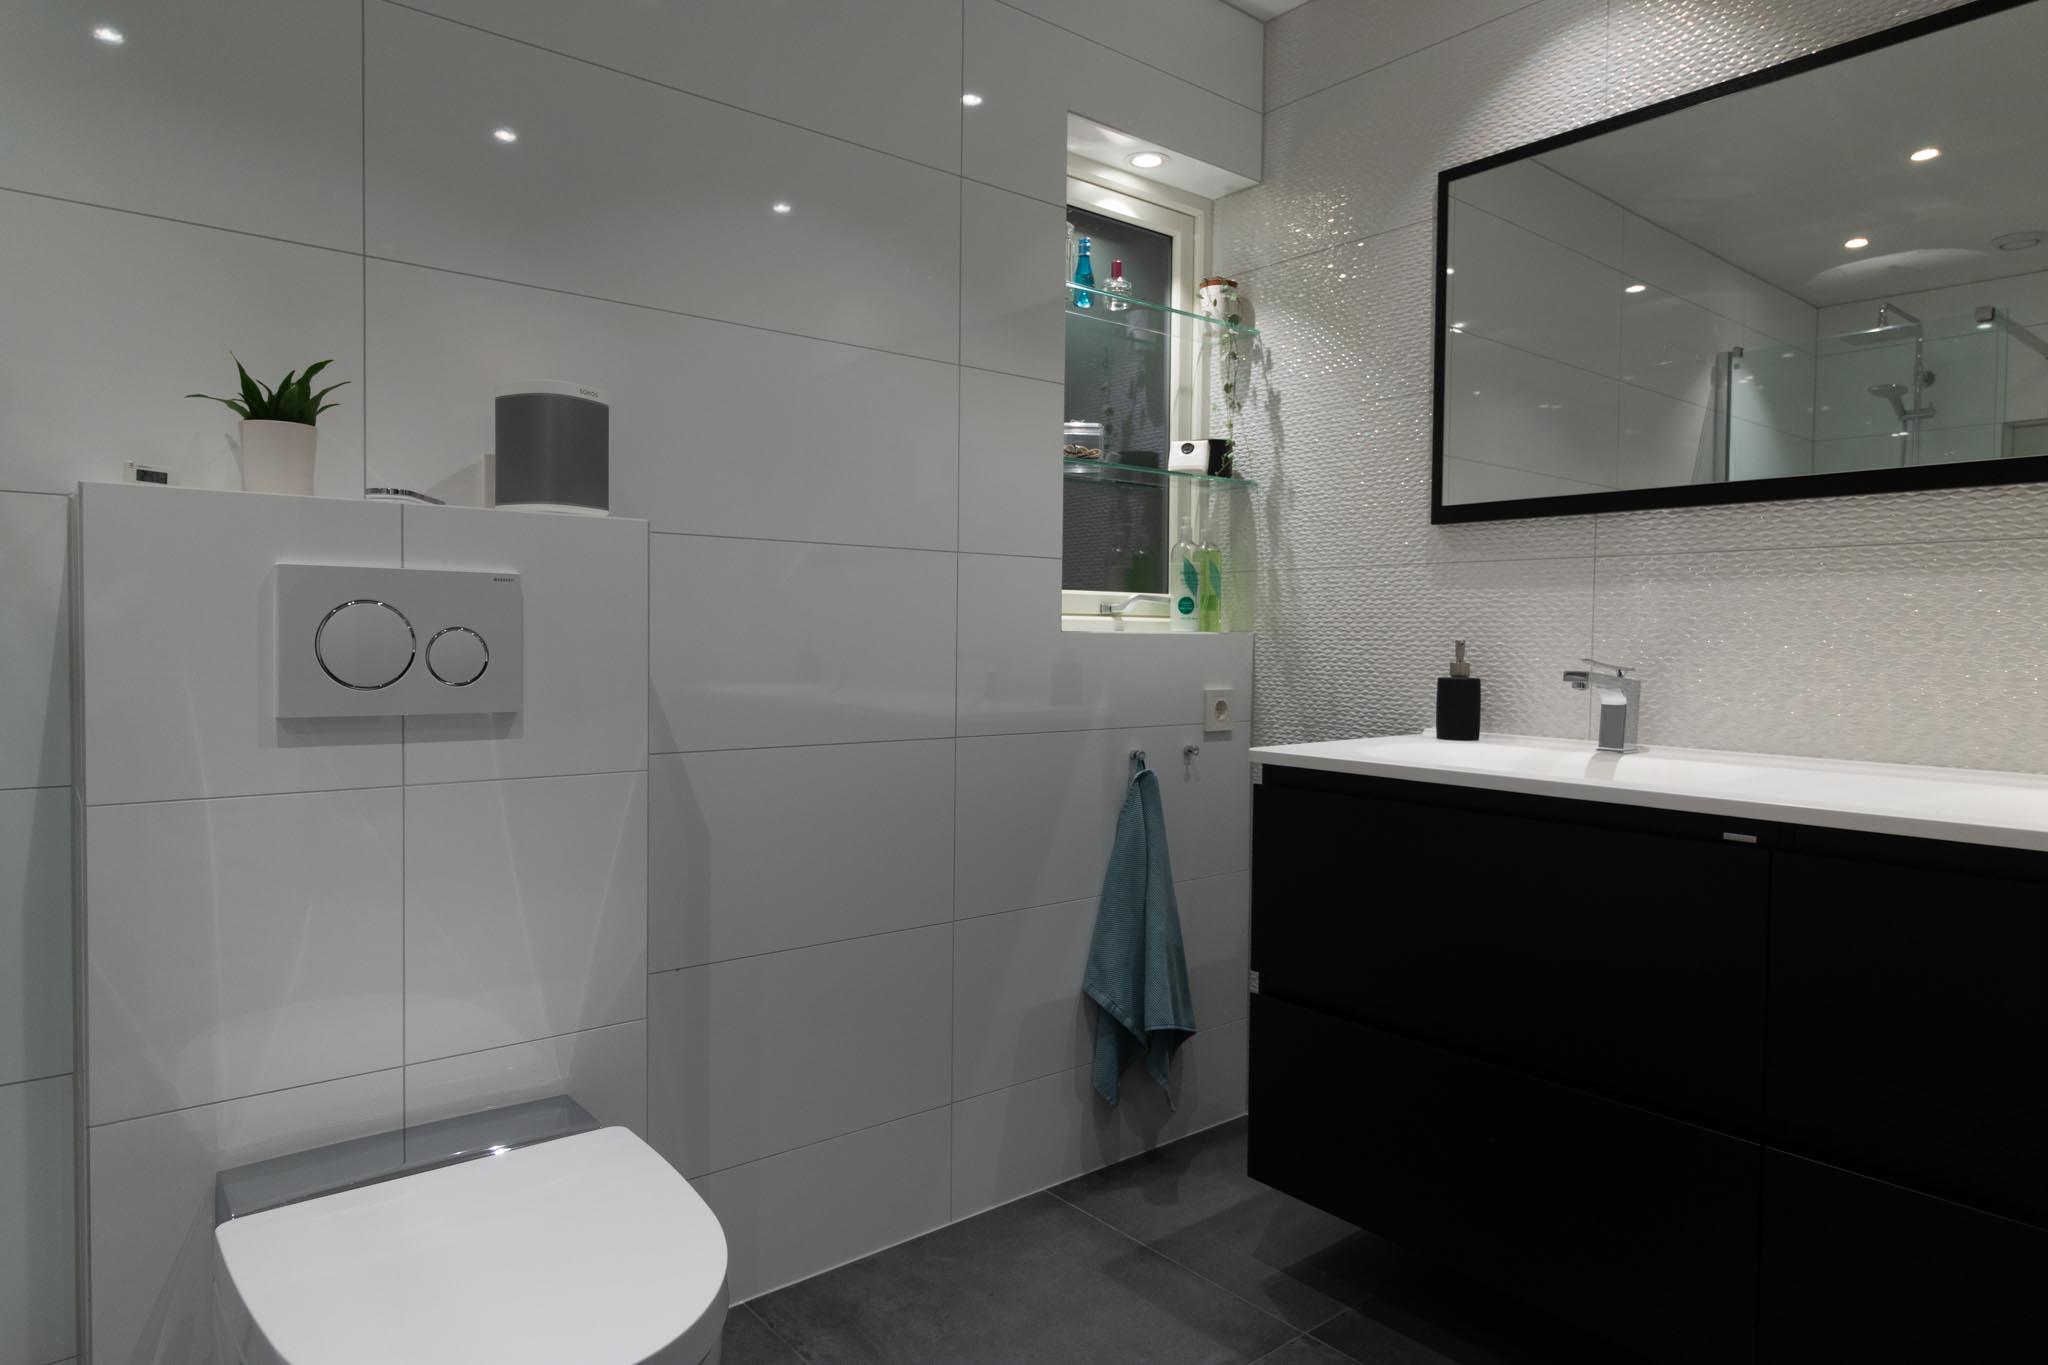 Nyoppusset bad med stilige baderomsmøbler, speil med spotter